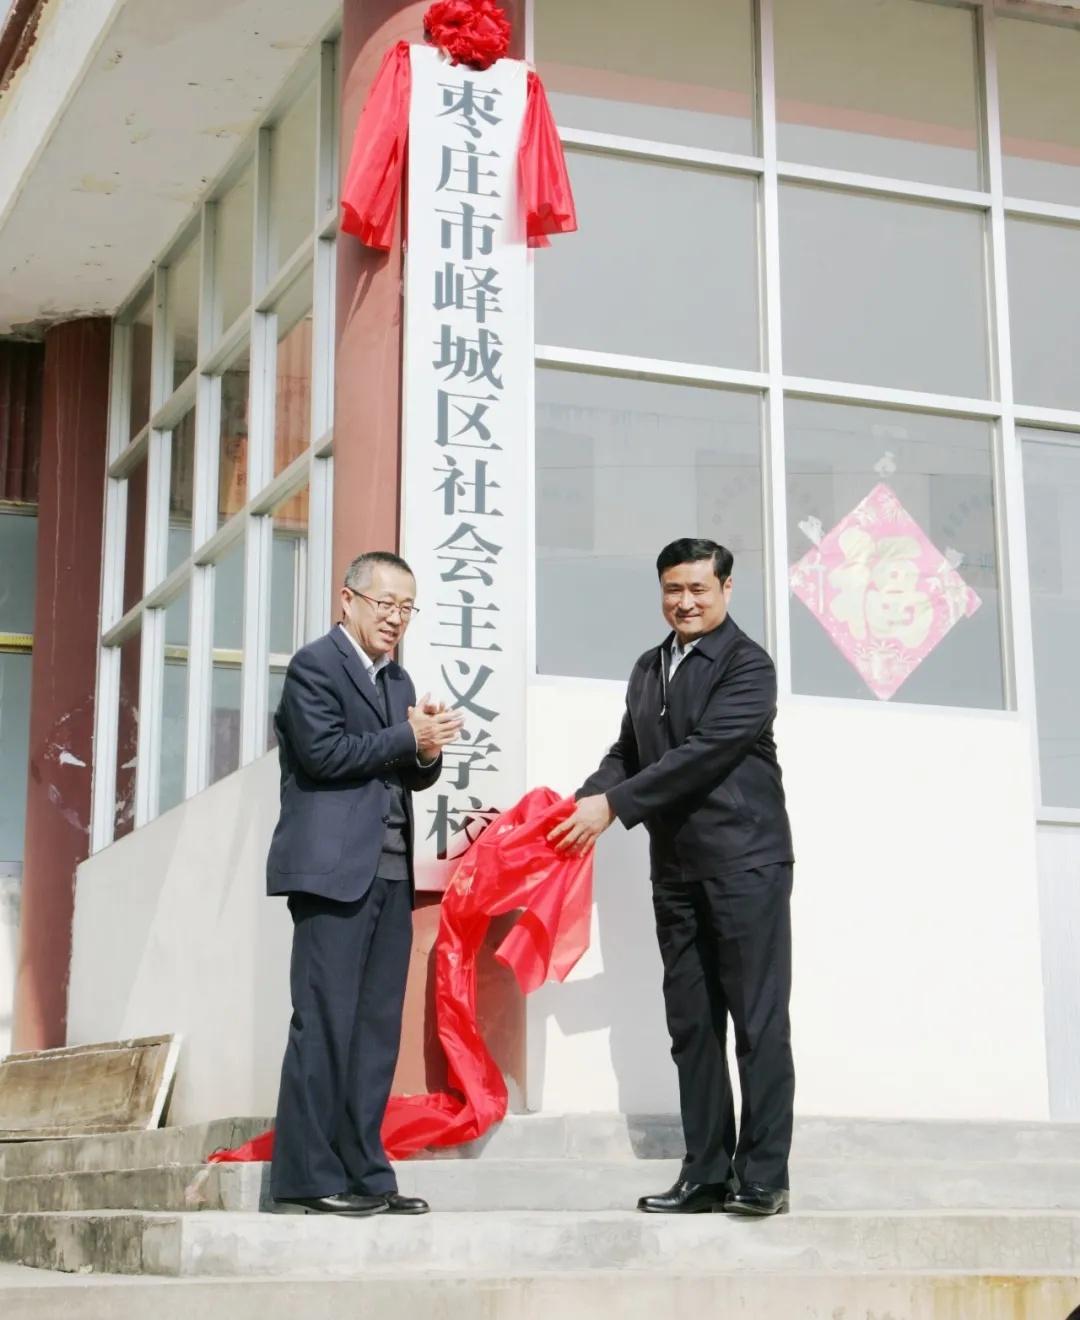 峄城区社会主义学校揭牌!统一战线成员教育培训有了新阵地